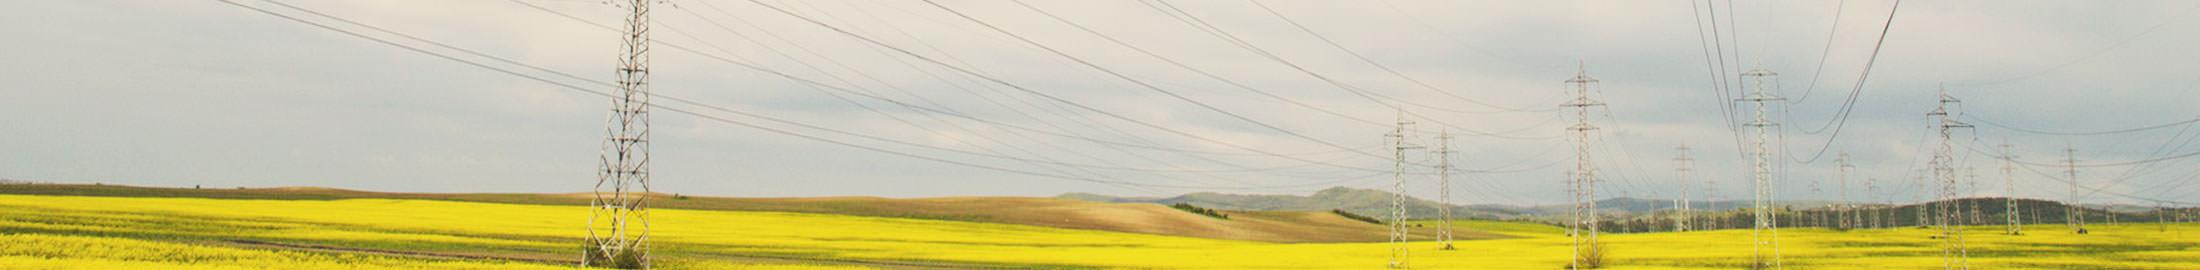 art_wires